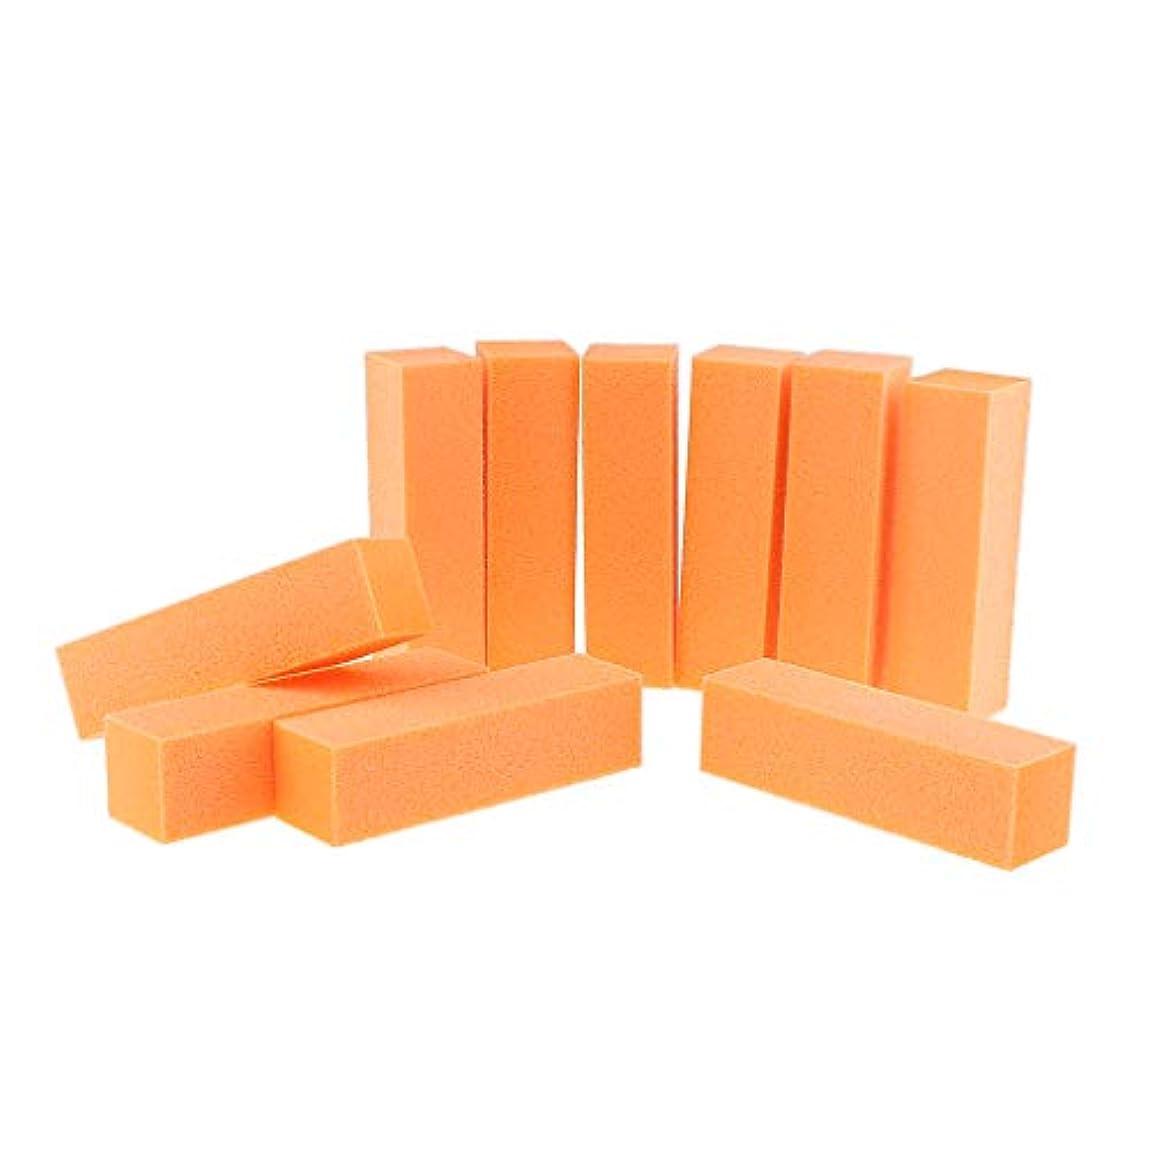 バージンあなたのもの空虚10PCSネイルアートケアバッファーバフ研磨サンディングブロックファイルグリットアクリルマニキュアツール-プロフェッショナルサロン使用または家庭用 - オレンジ